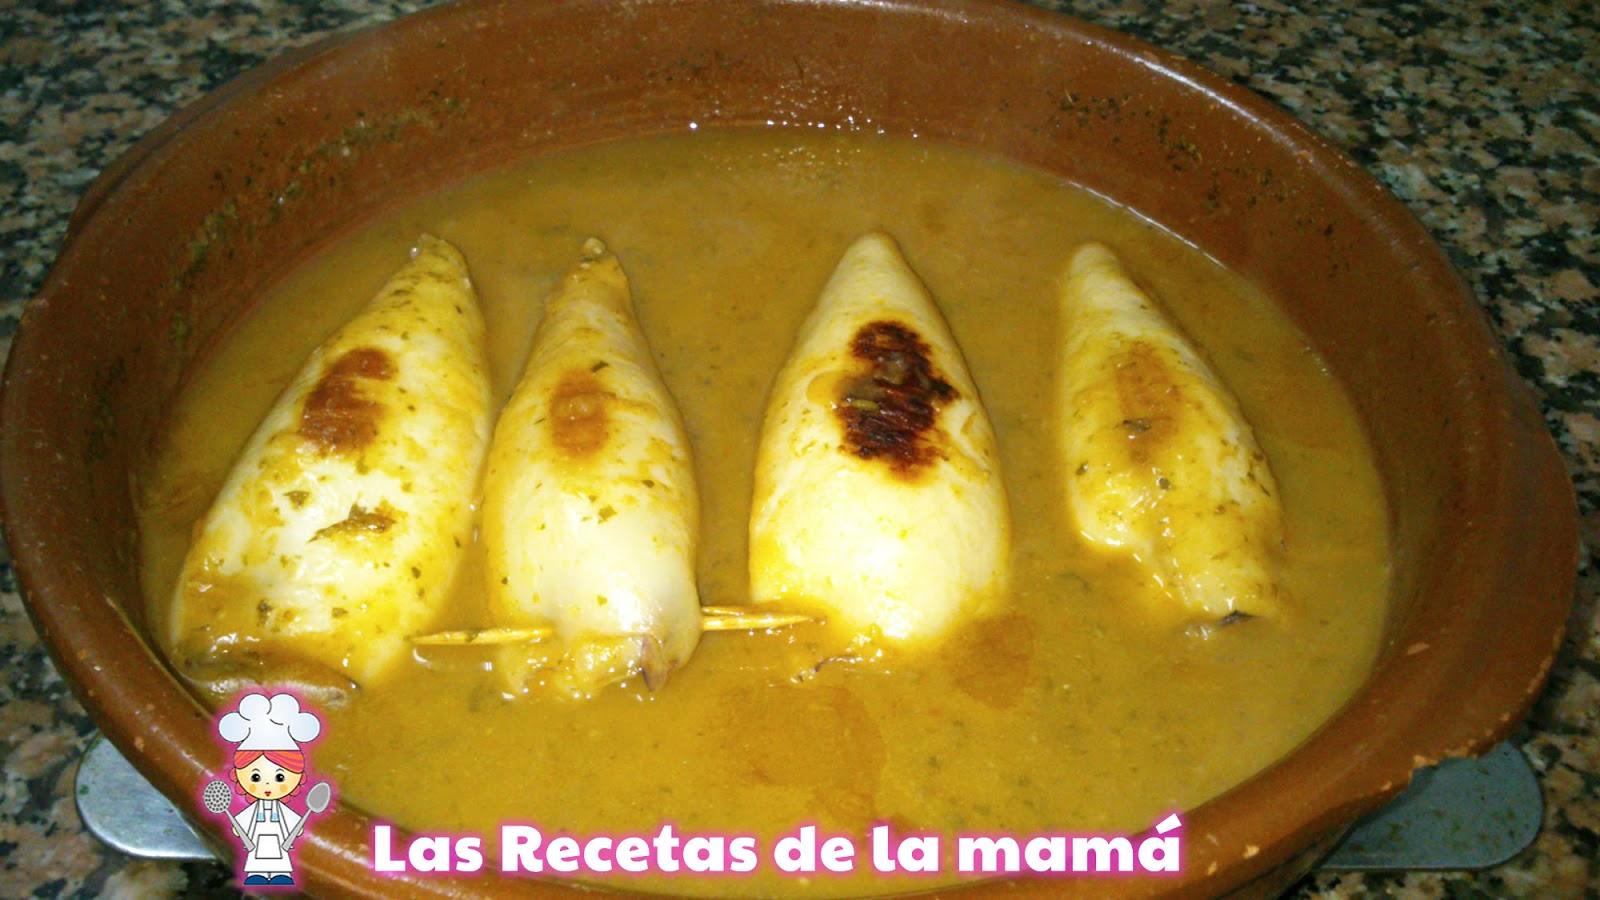 Las recetas de la mam receta de calamares rellenos en salsa - Salsa para calamares rellenos ...